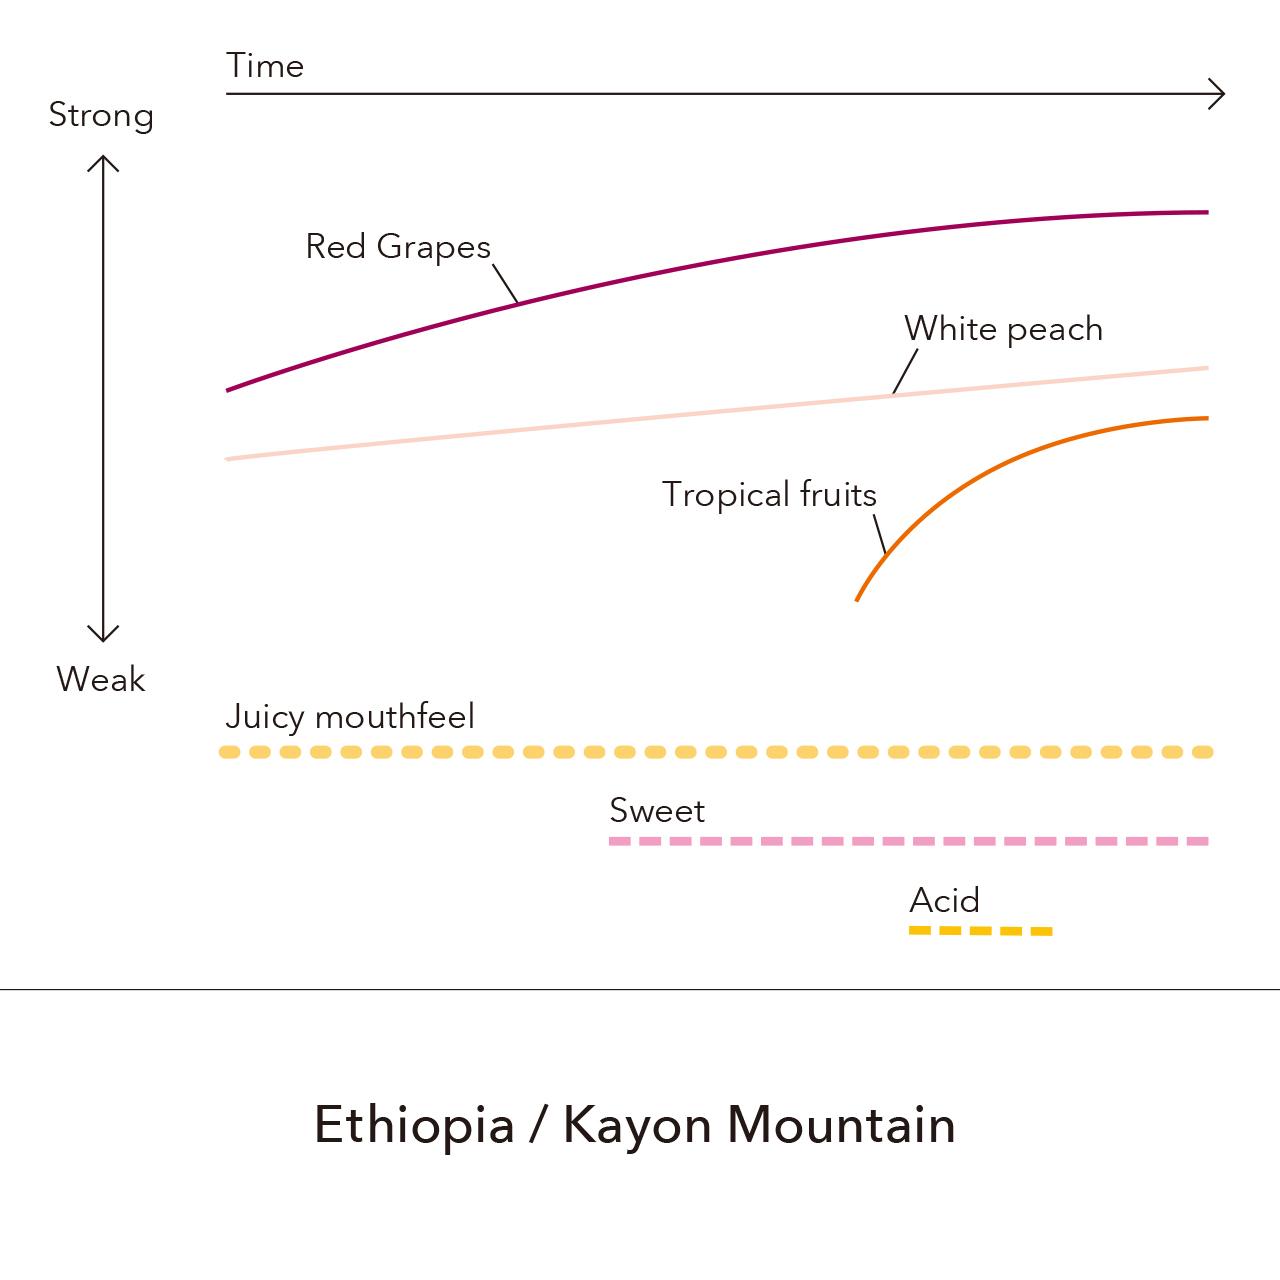 Ethiopia - Kayon Mountain / 150g